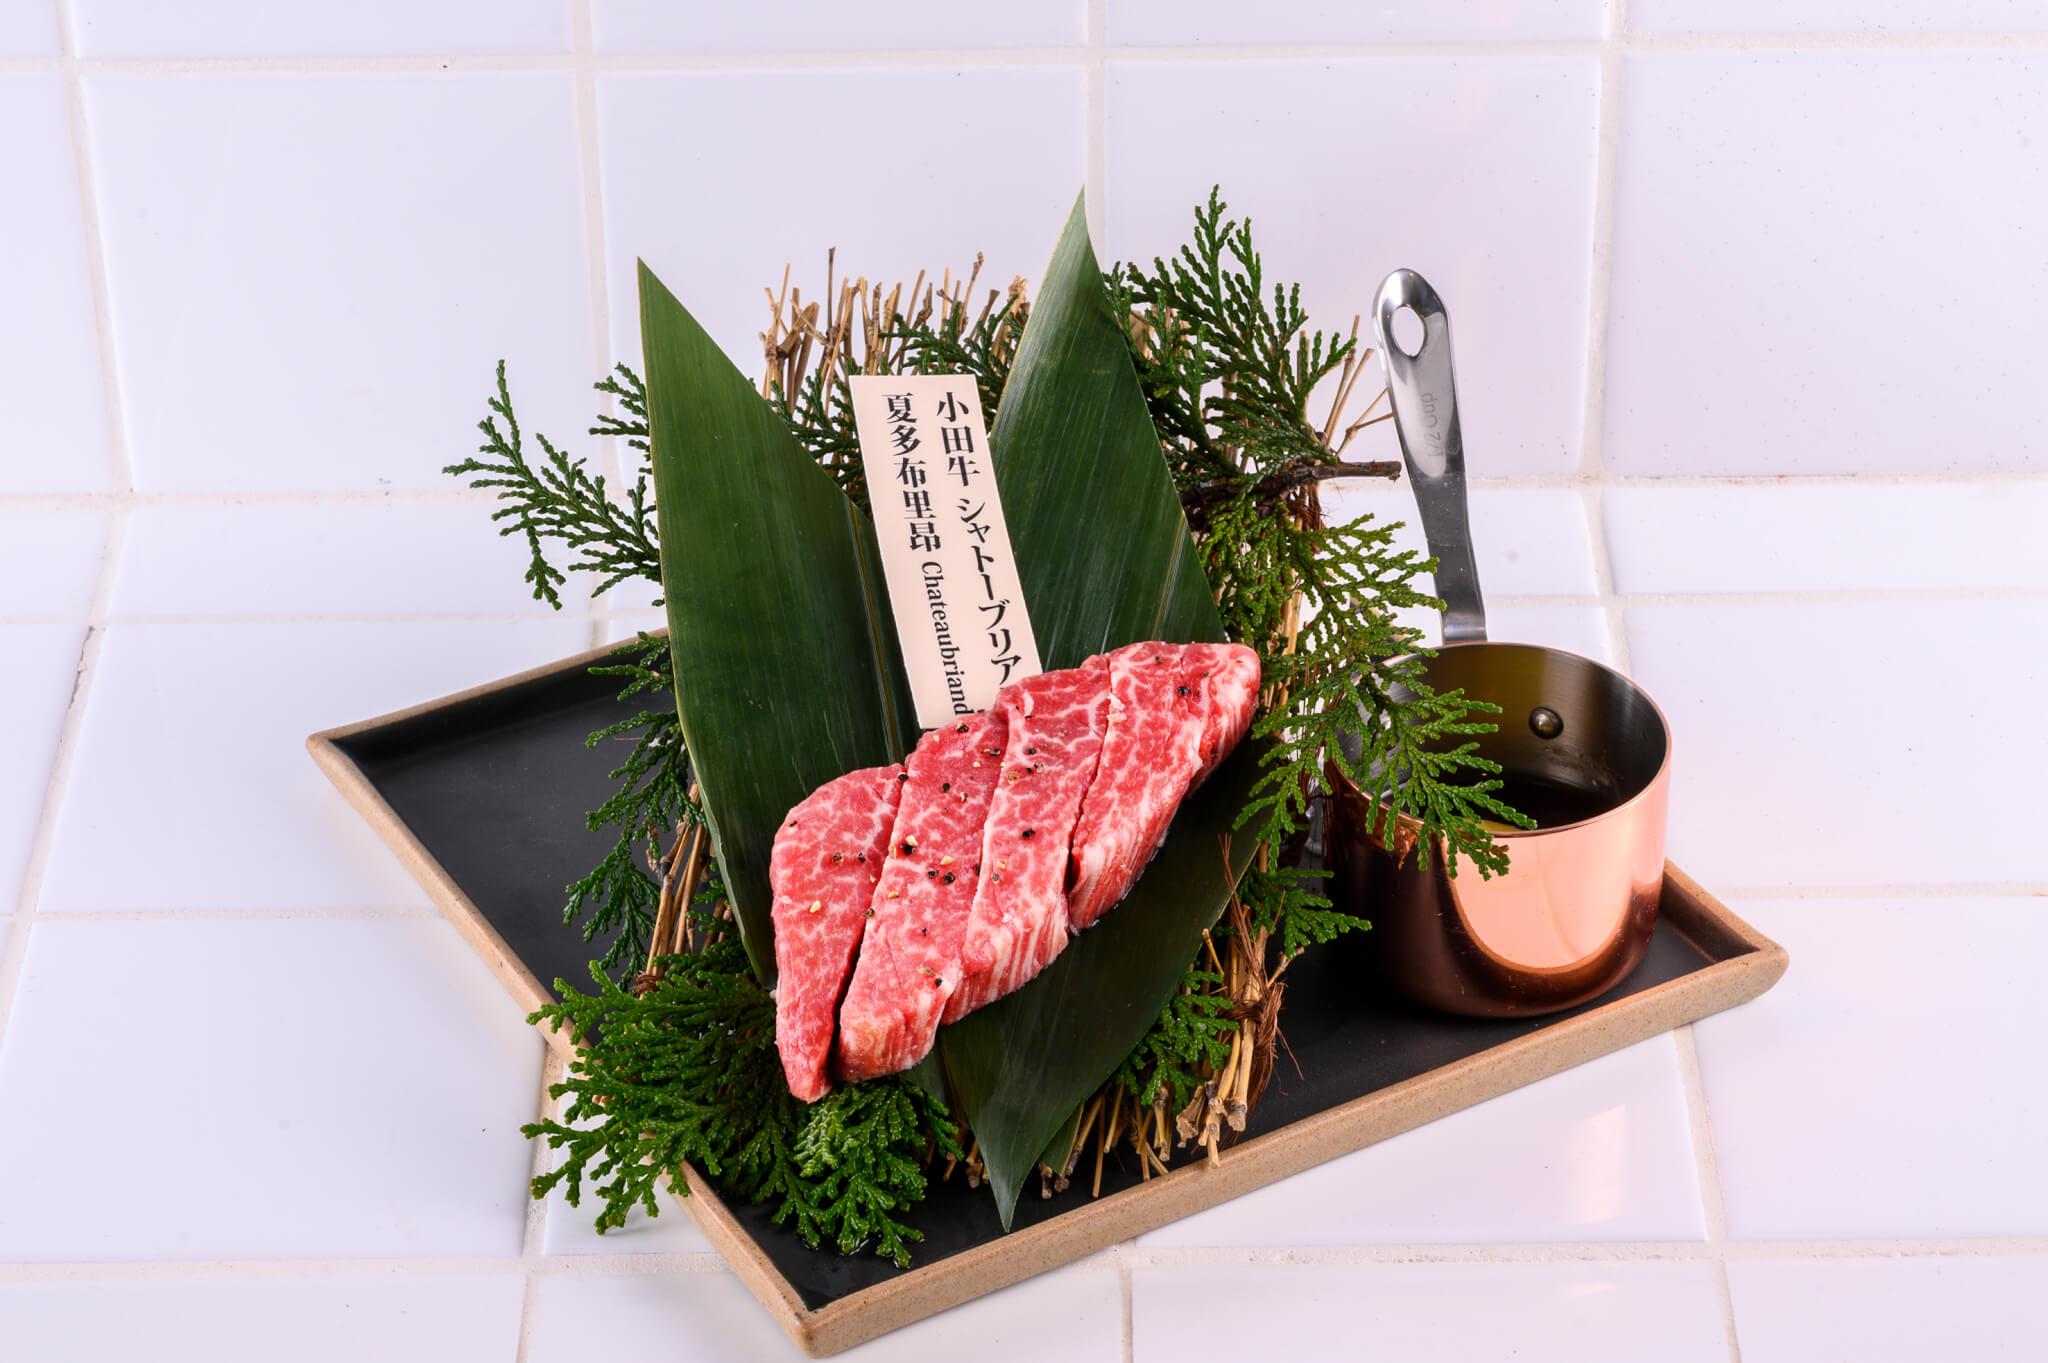 「夏多布里昂」屬於赤身,即是油脂較少的瘦肉,肉味、甜味較重。